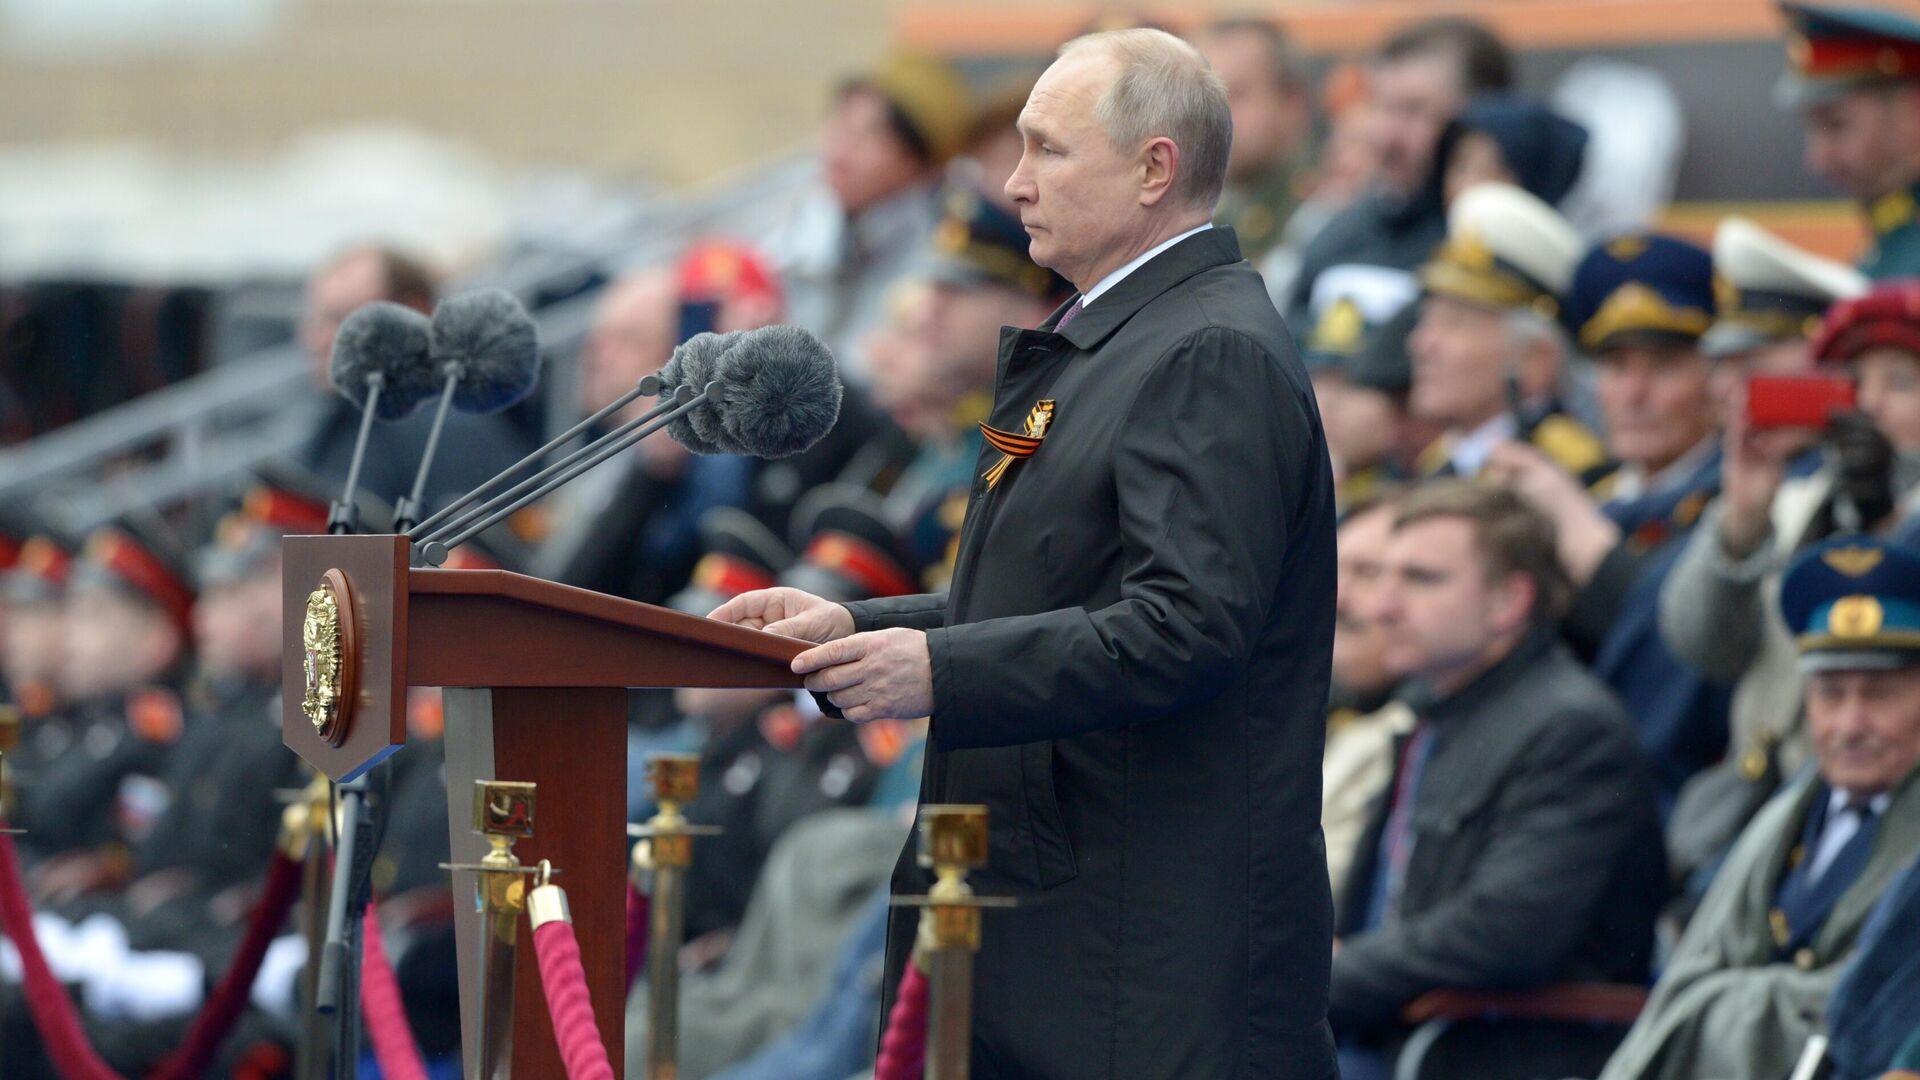 Президент РФ В. Путин на военном параде в честь 76-й годовщины Победы в ВОВ - РИА Новости, 1920, 09.05.2021